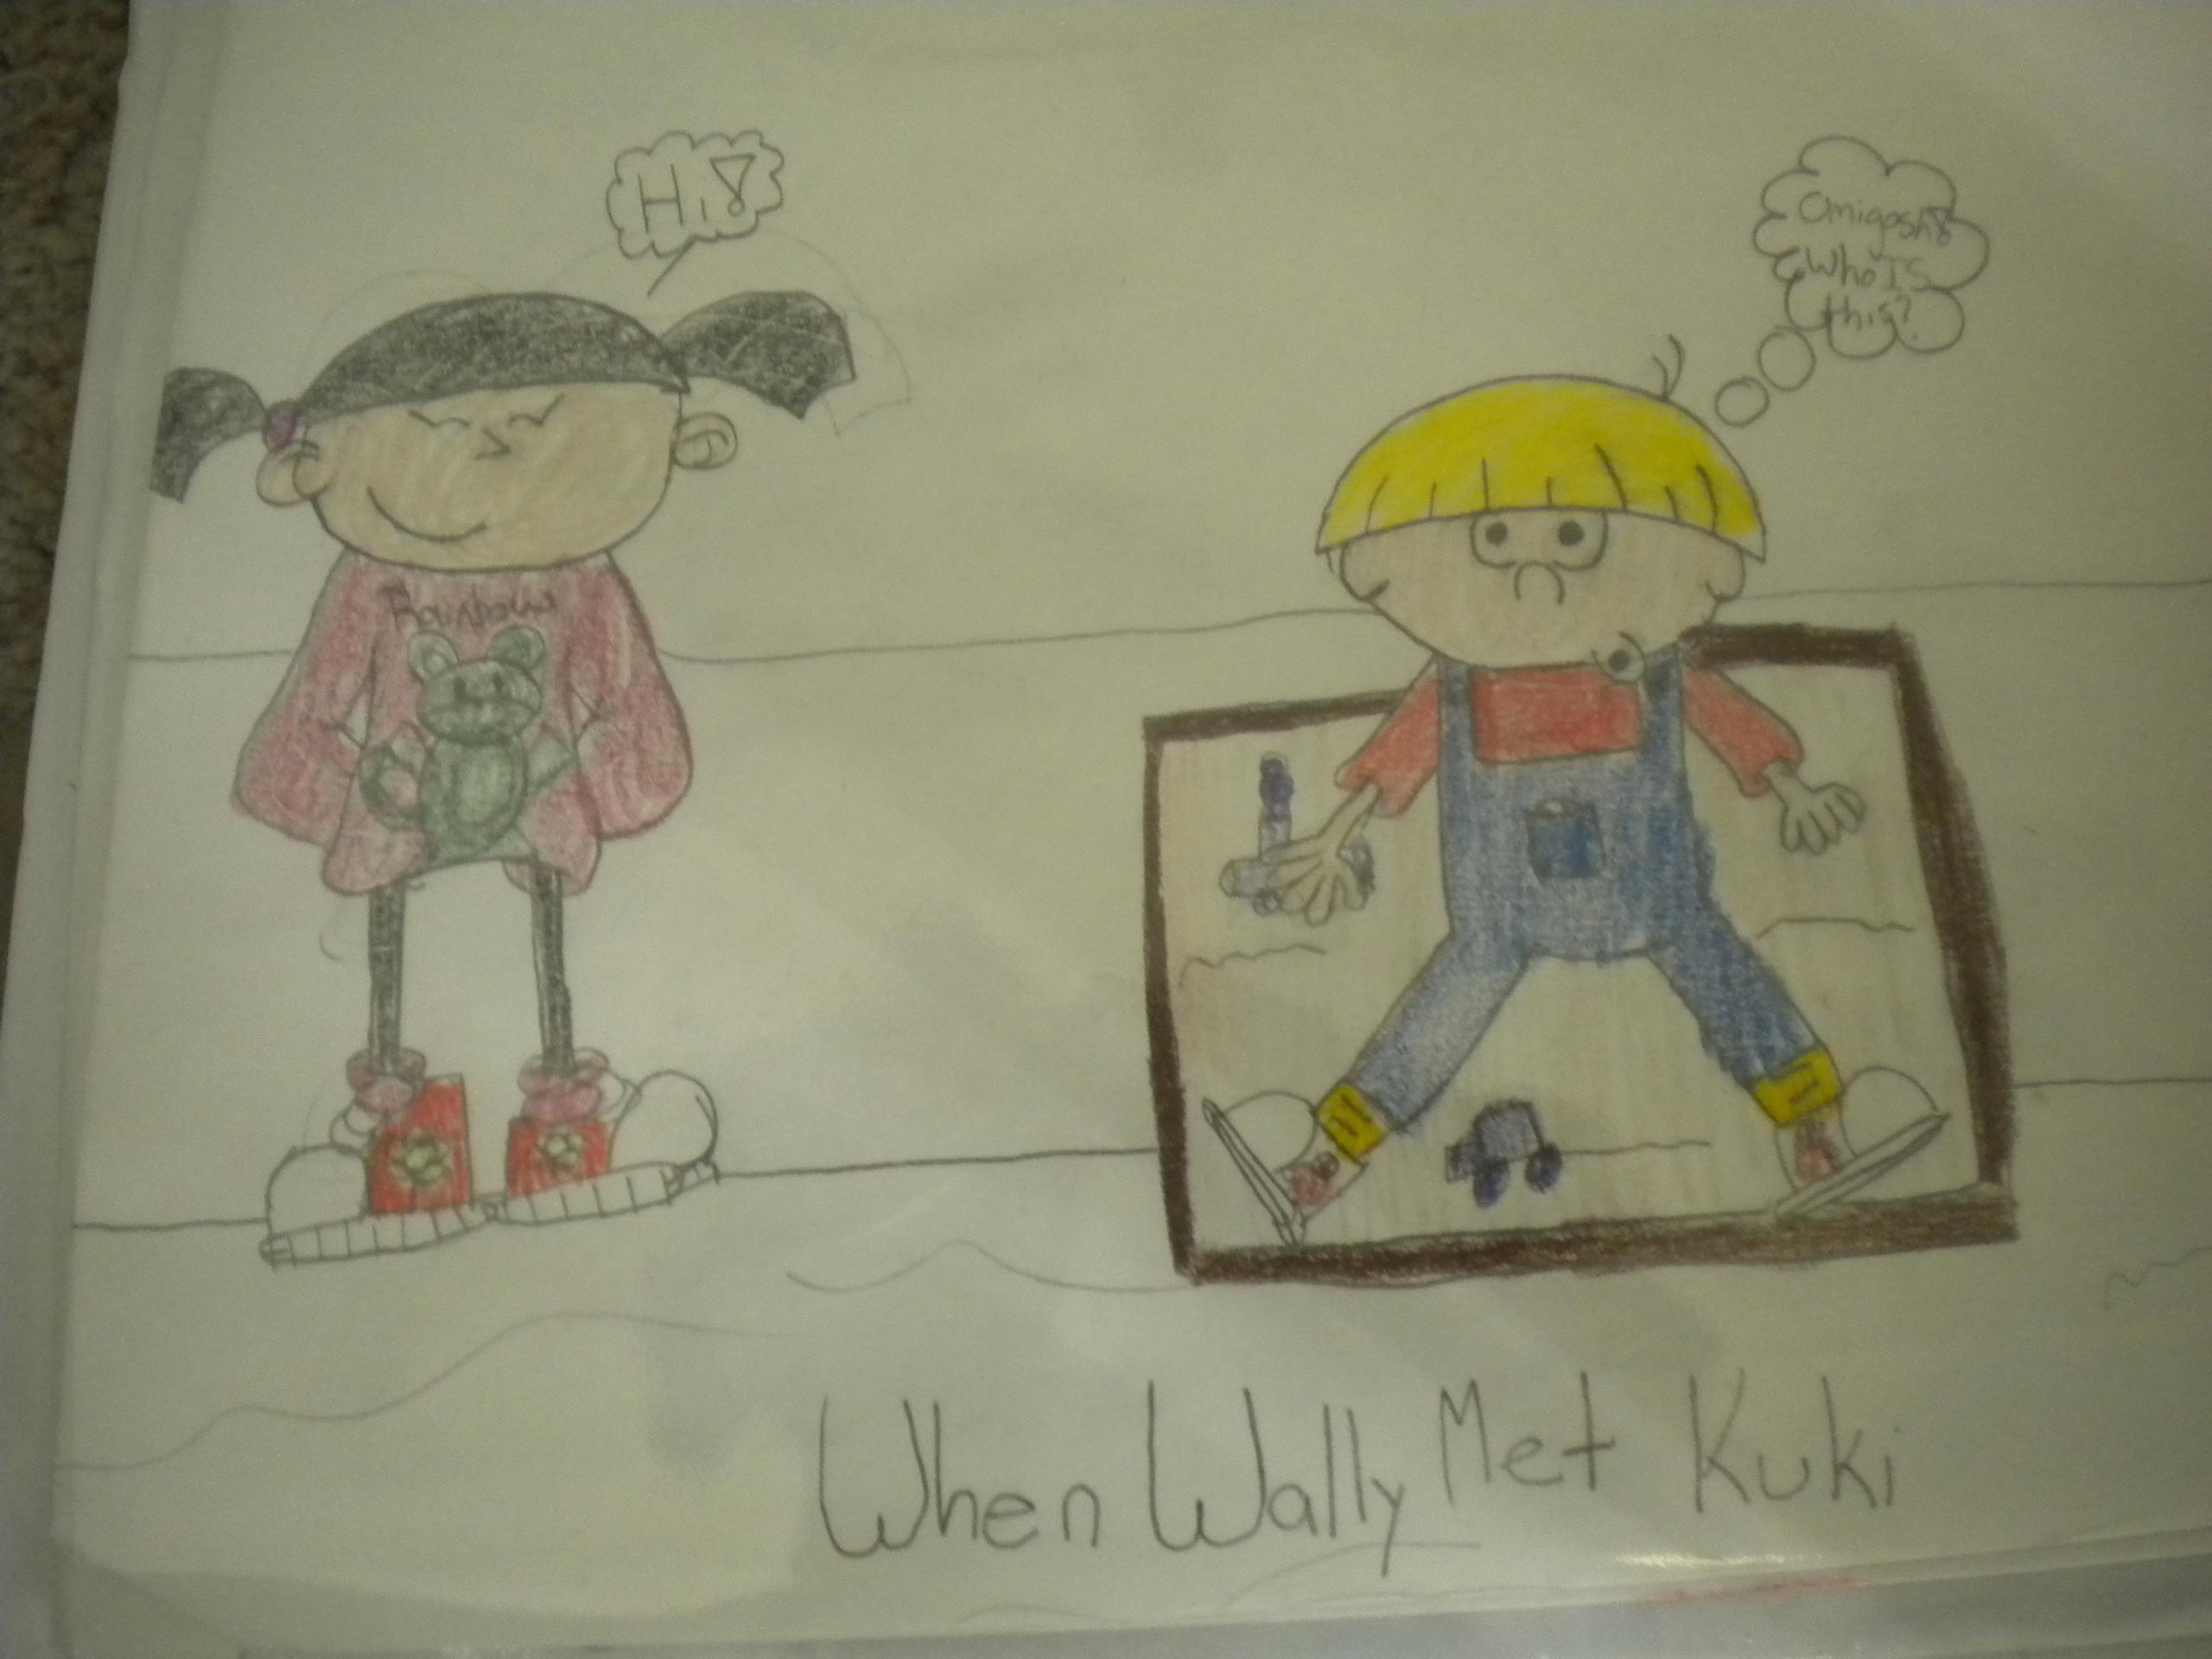 When Wally Met Kuki